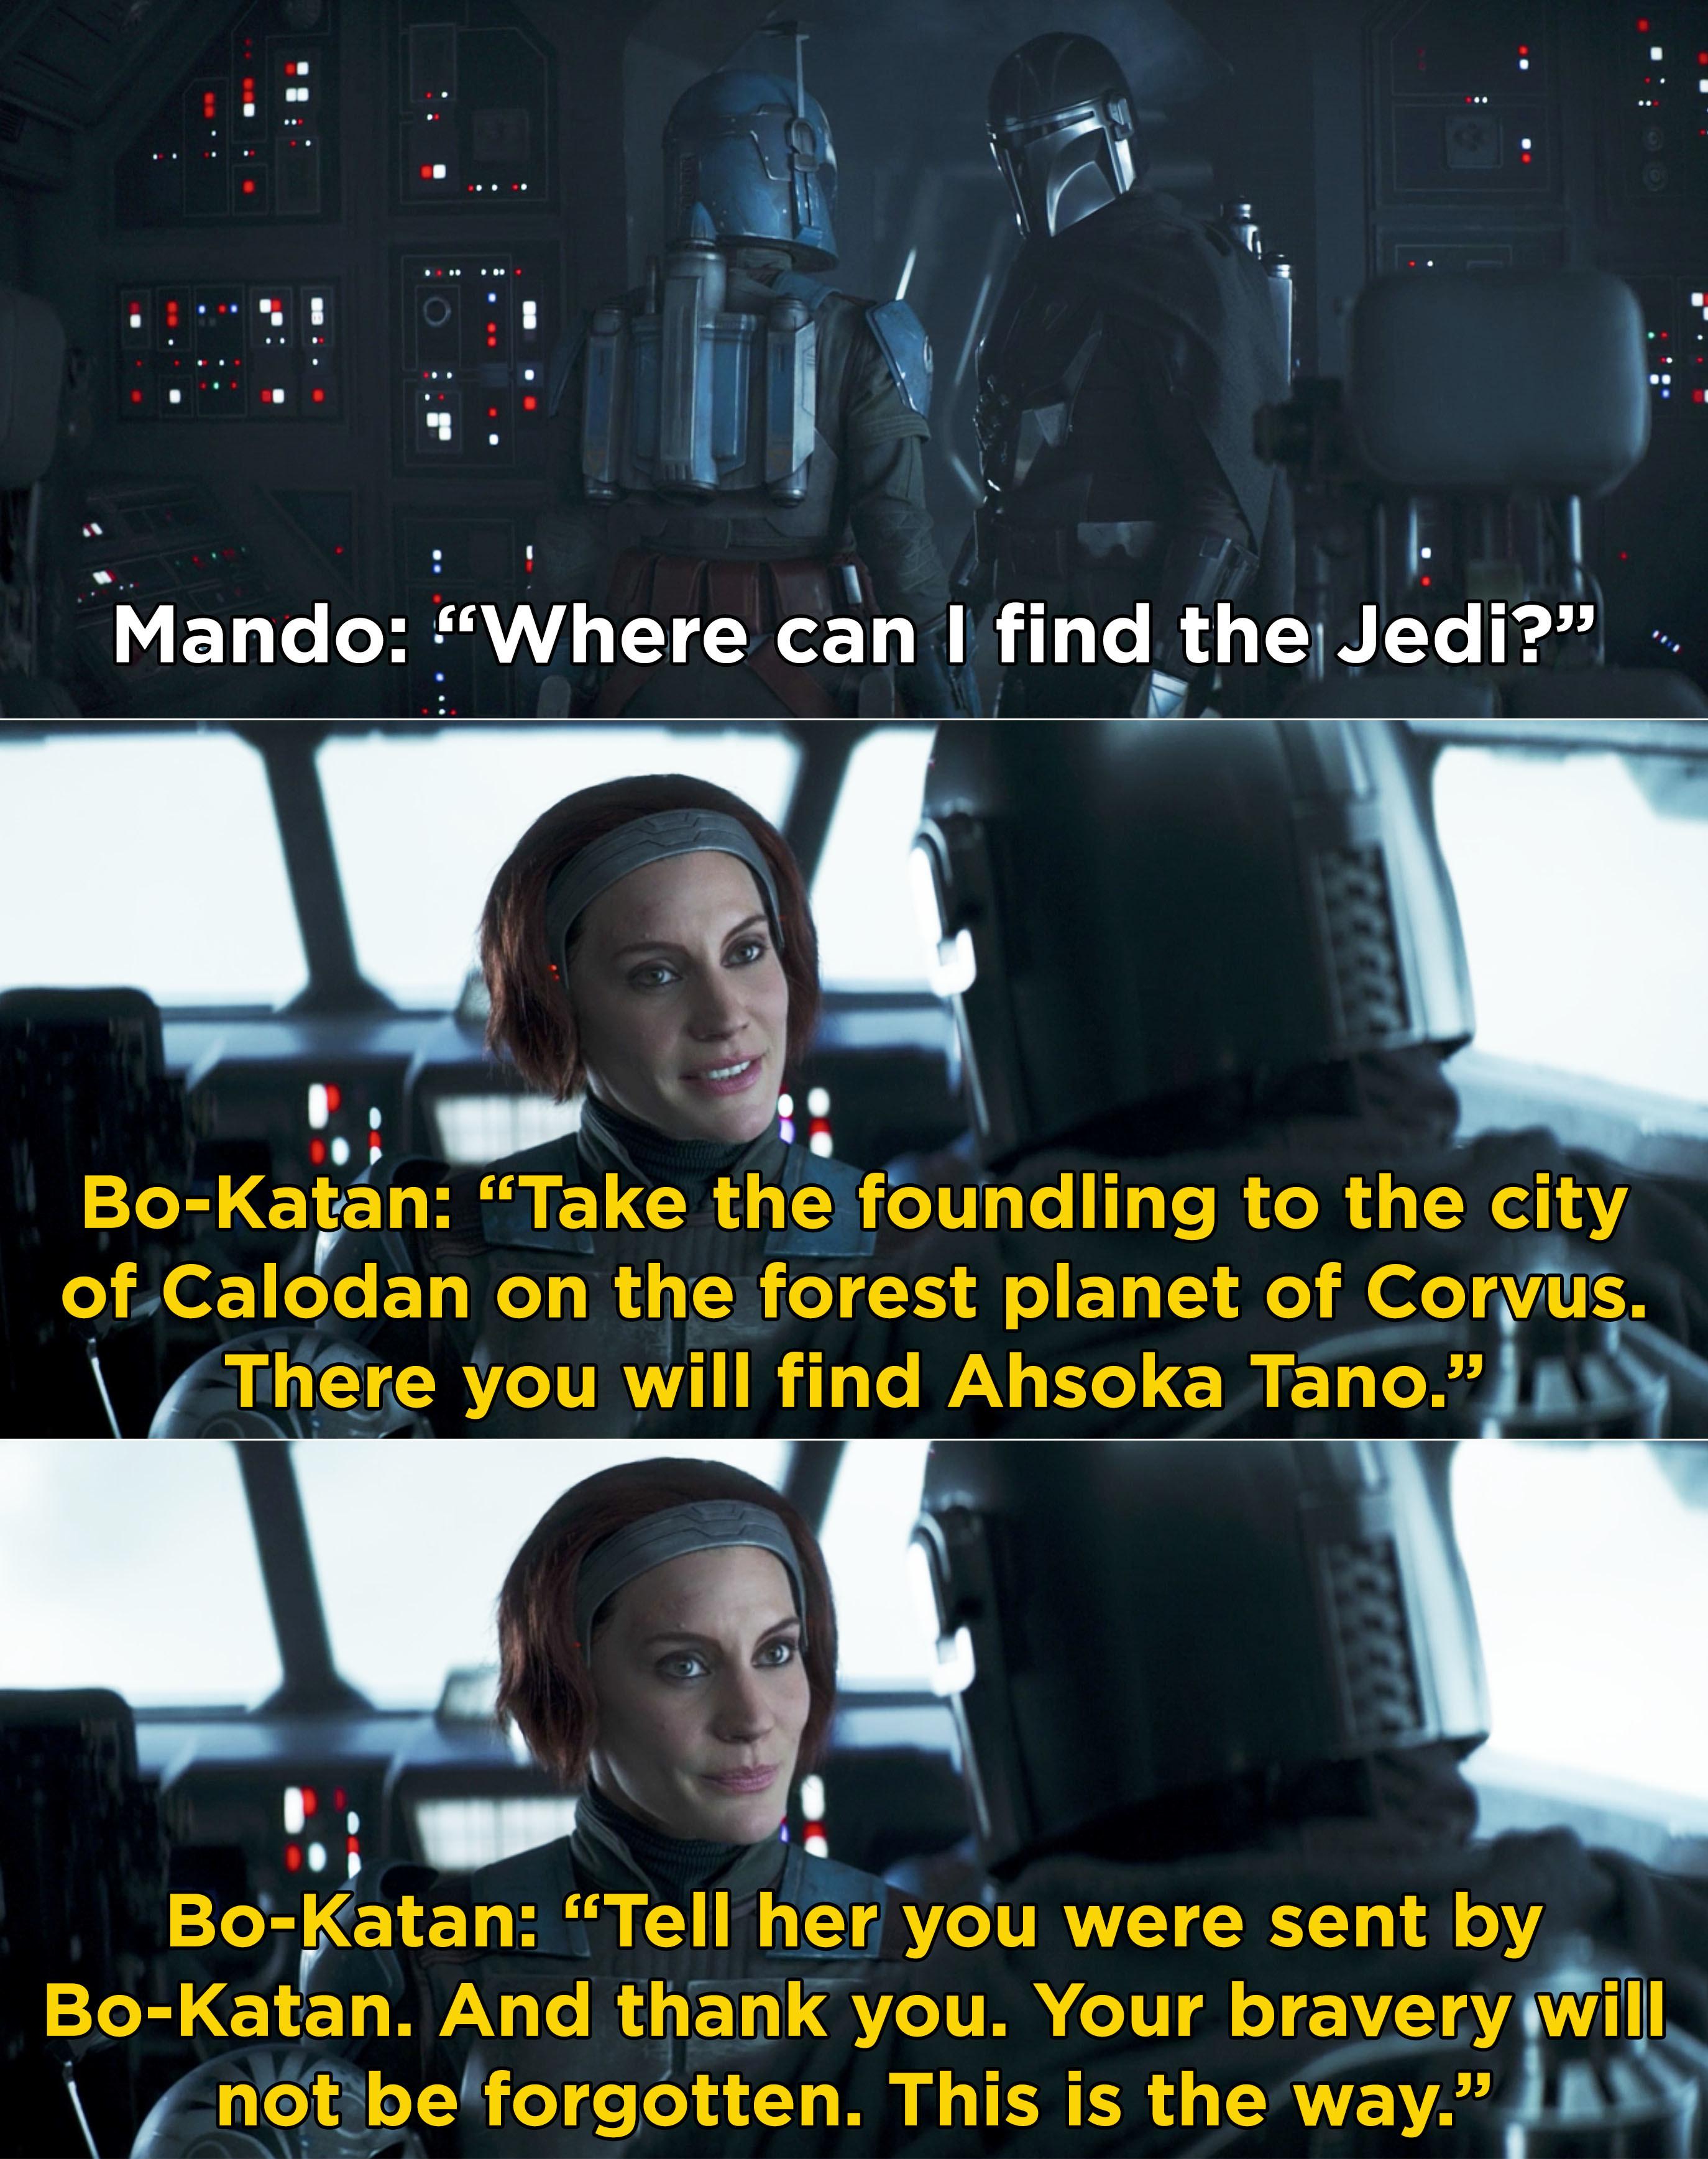 Bo-Katan telling Mando where he can find Ahsoka Tano and to tell her Bo-Katan sent him